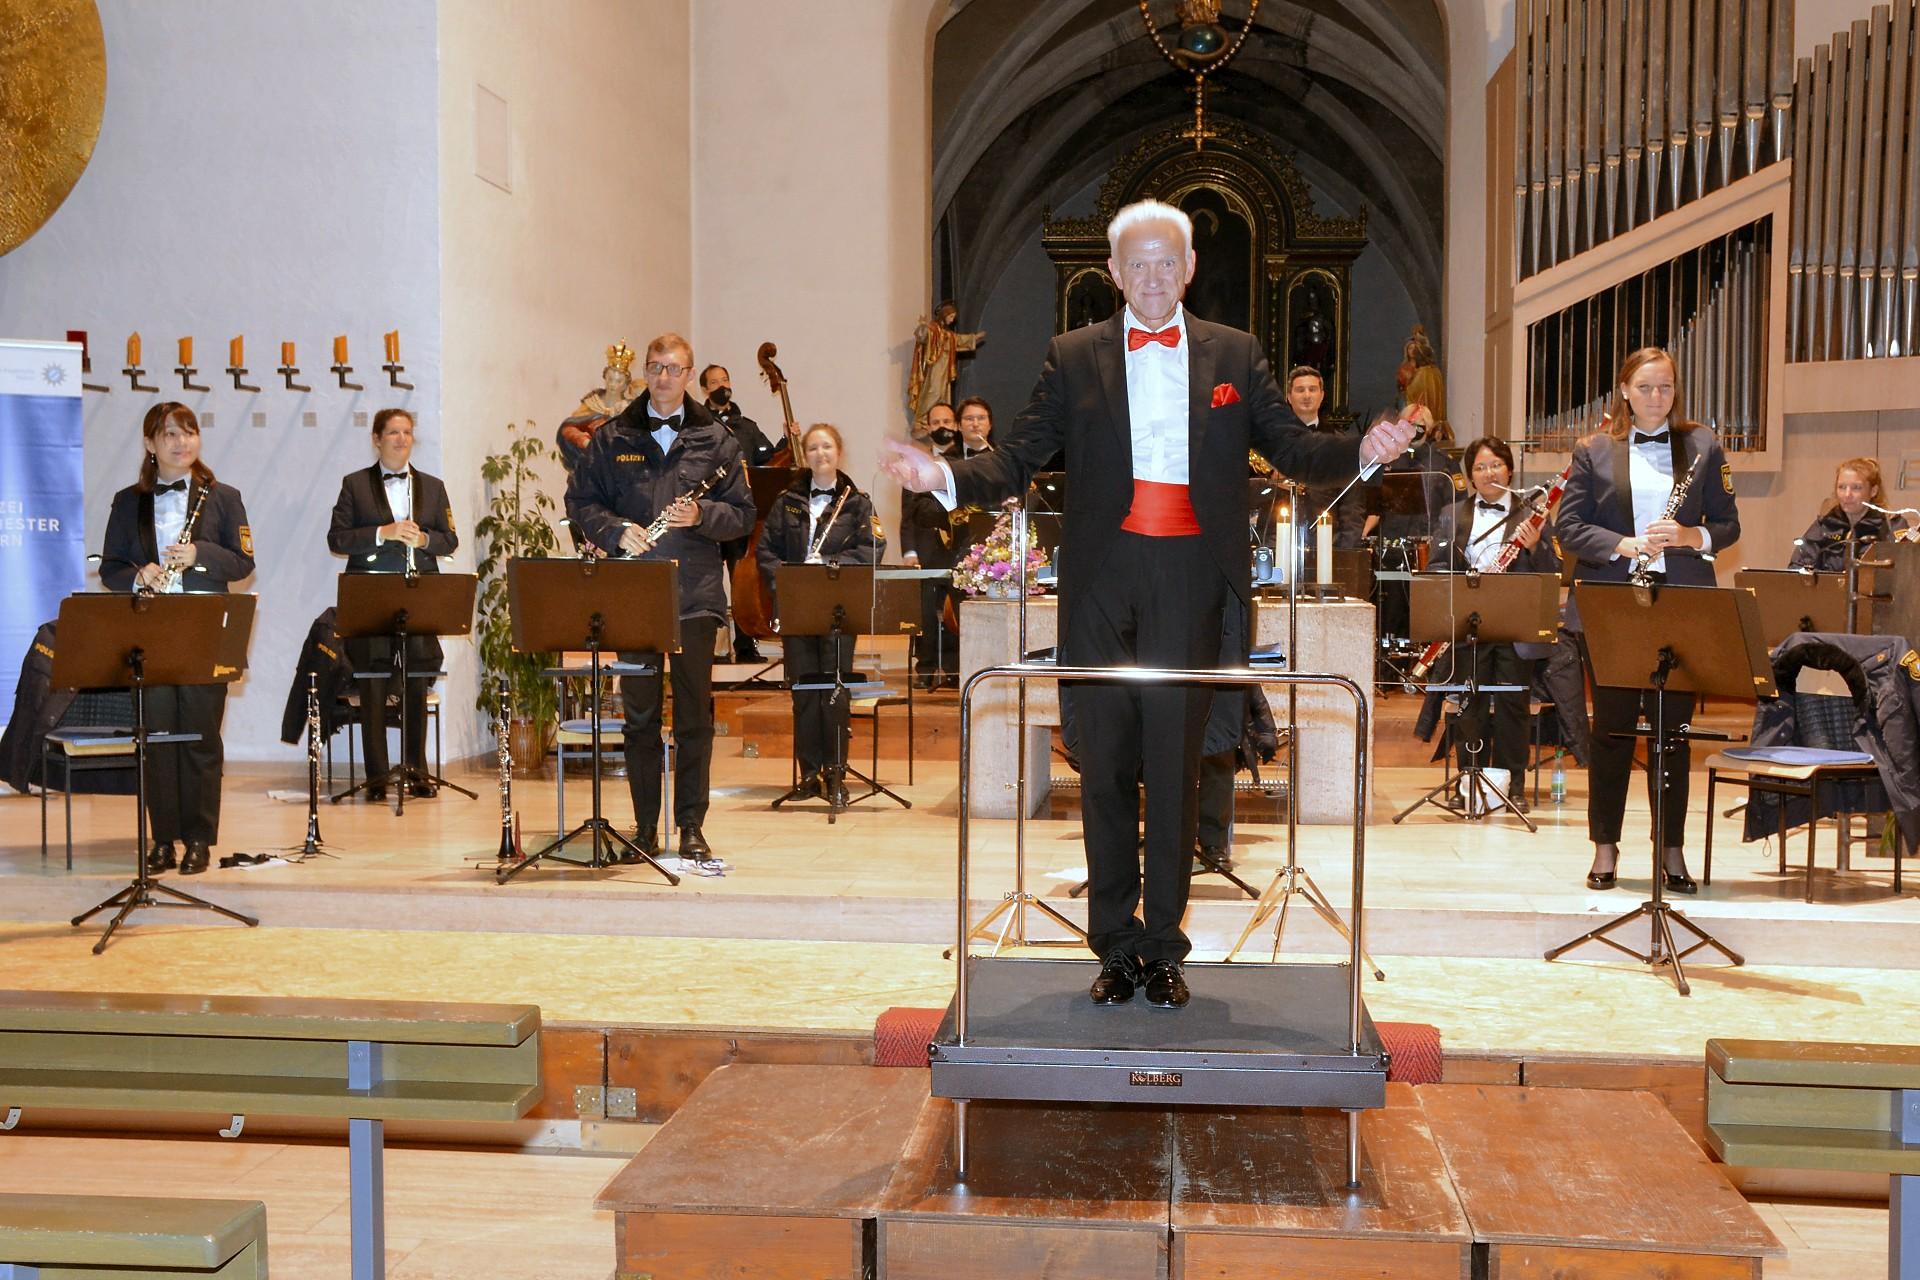 KIrchenkonzert Polizeiorchester Bayer